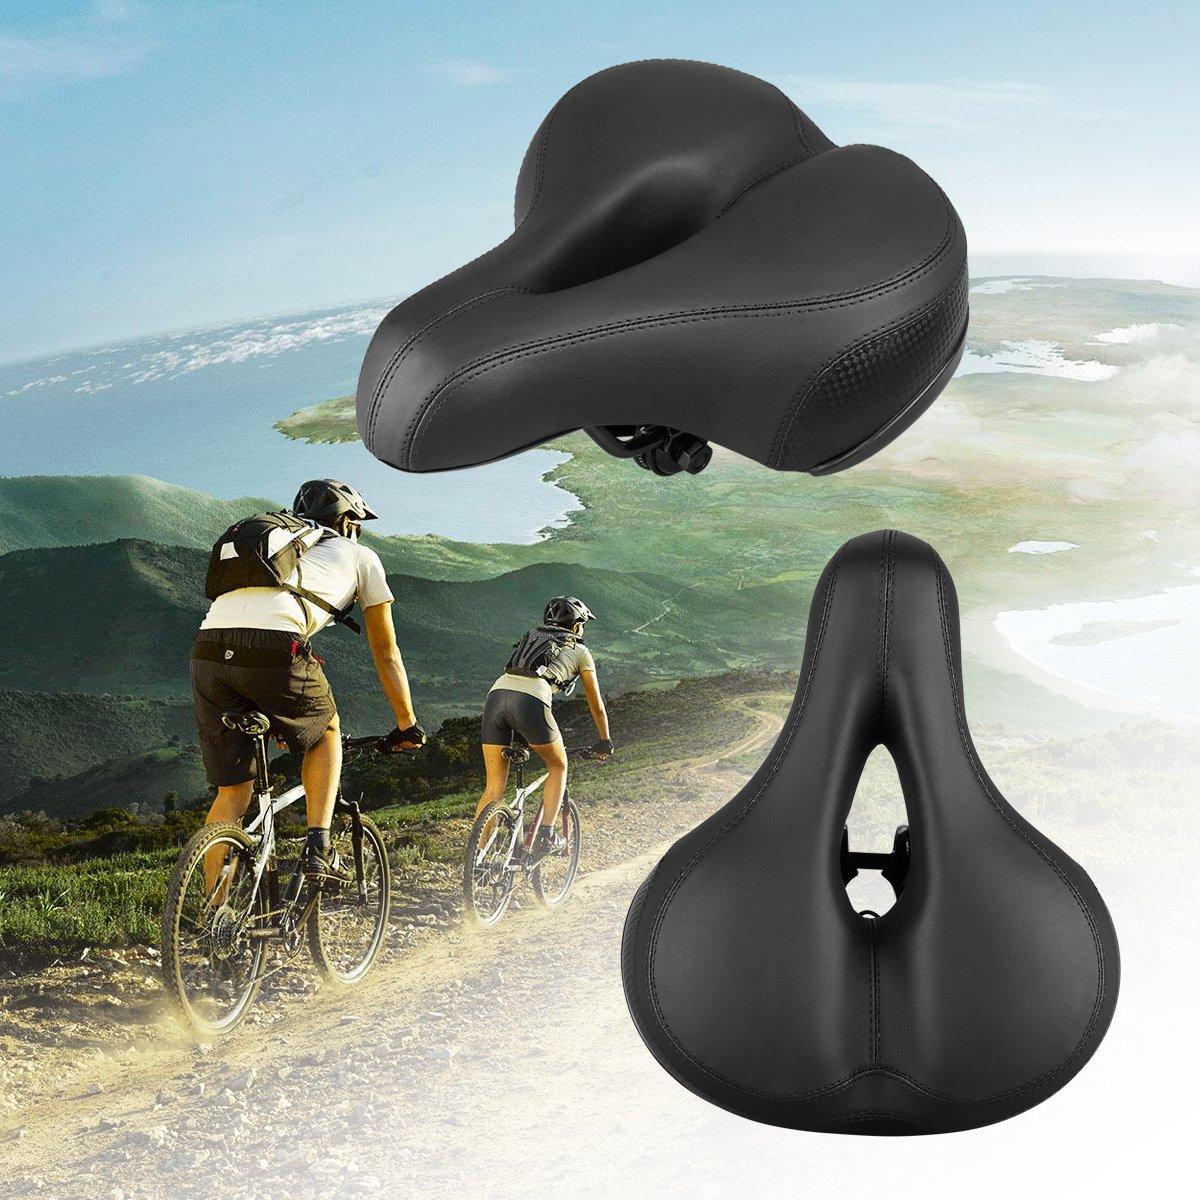 Sattel Fahrradsattel, Landnics Bequem Cityradsättel für Damen Herren Fahrradsitz mit Druckfedern Reflektierendem Streifen Mountainbike/Rennrad/Touren Schwarz